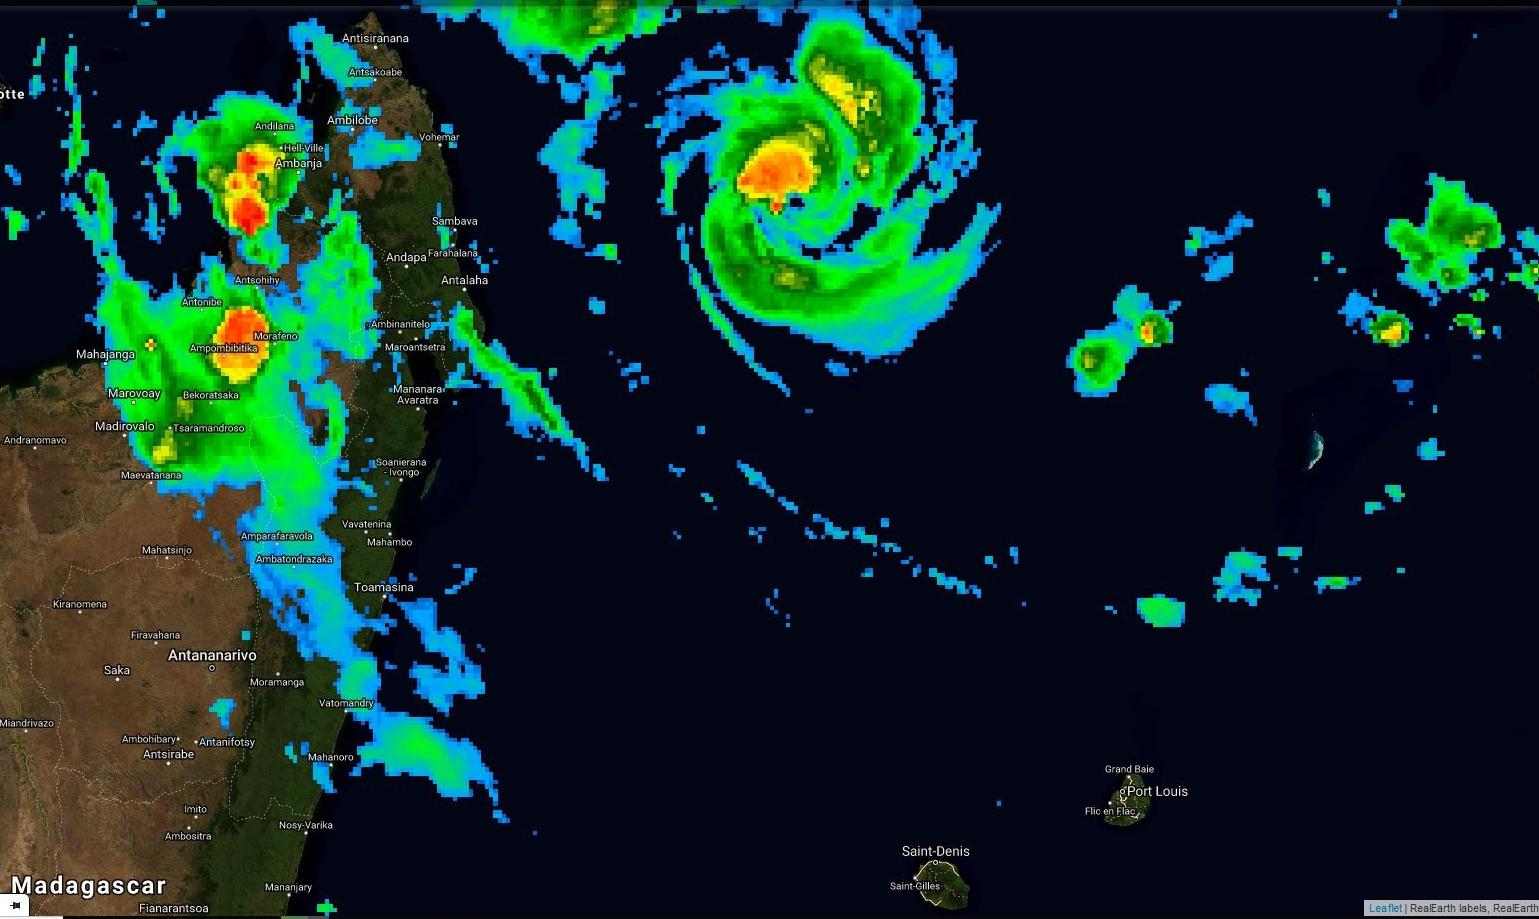 Photo satellite de 22h. Le petit oeil de GELENA(13S) est bien visiible. Le cyclone est de petit diamètre. Des bandes en périphérie touchent plusieurs régions de Madagascar avec des pluies orageuses parfois fortes et de fortes rafales.